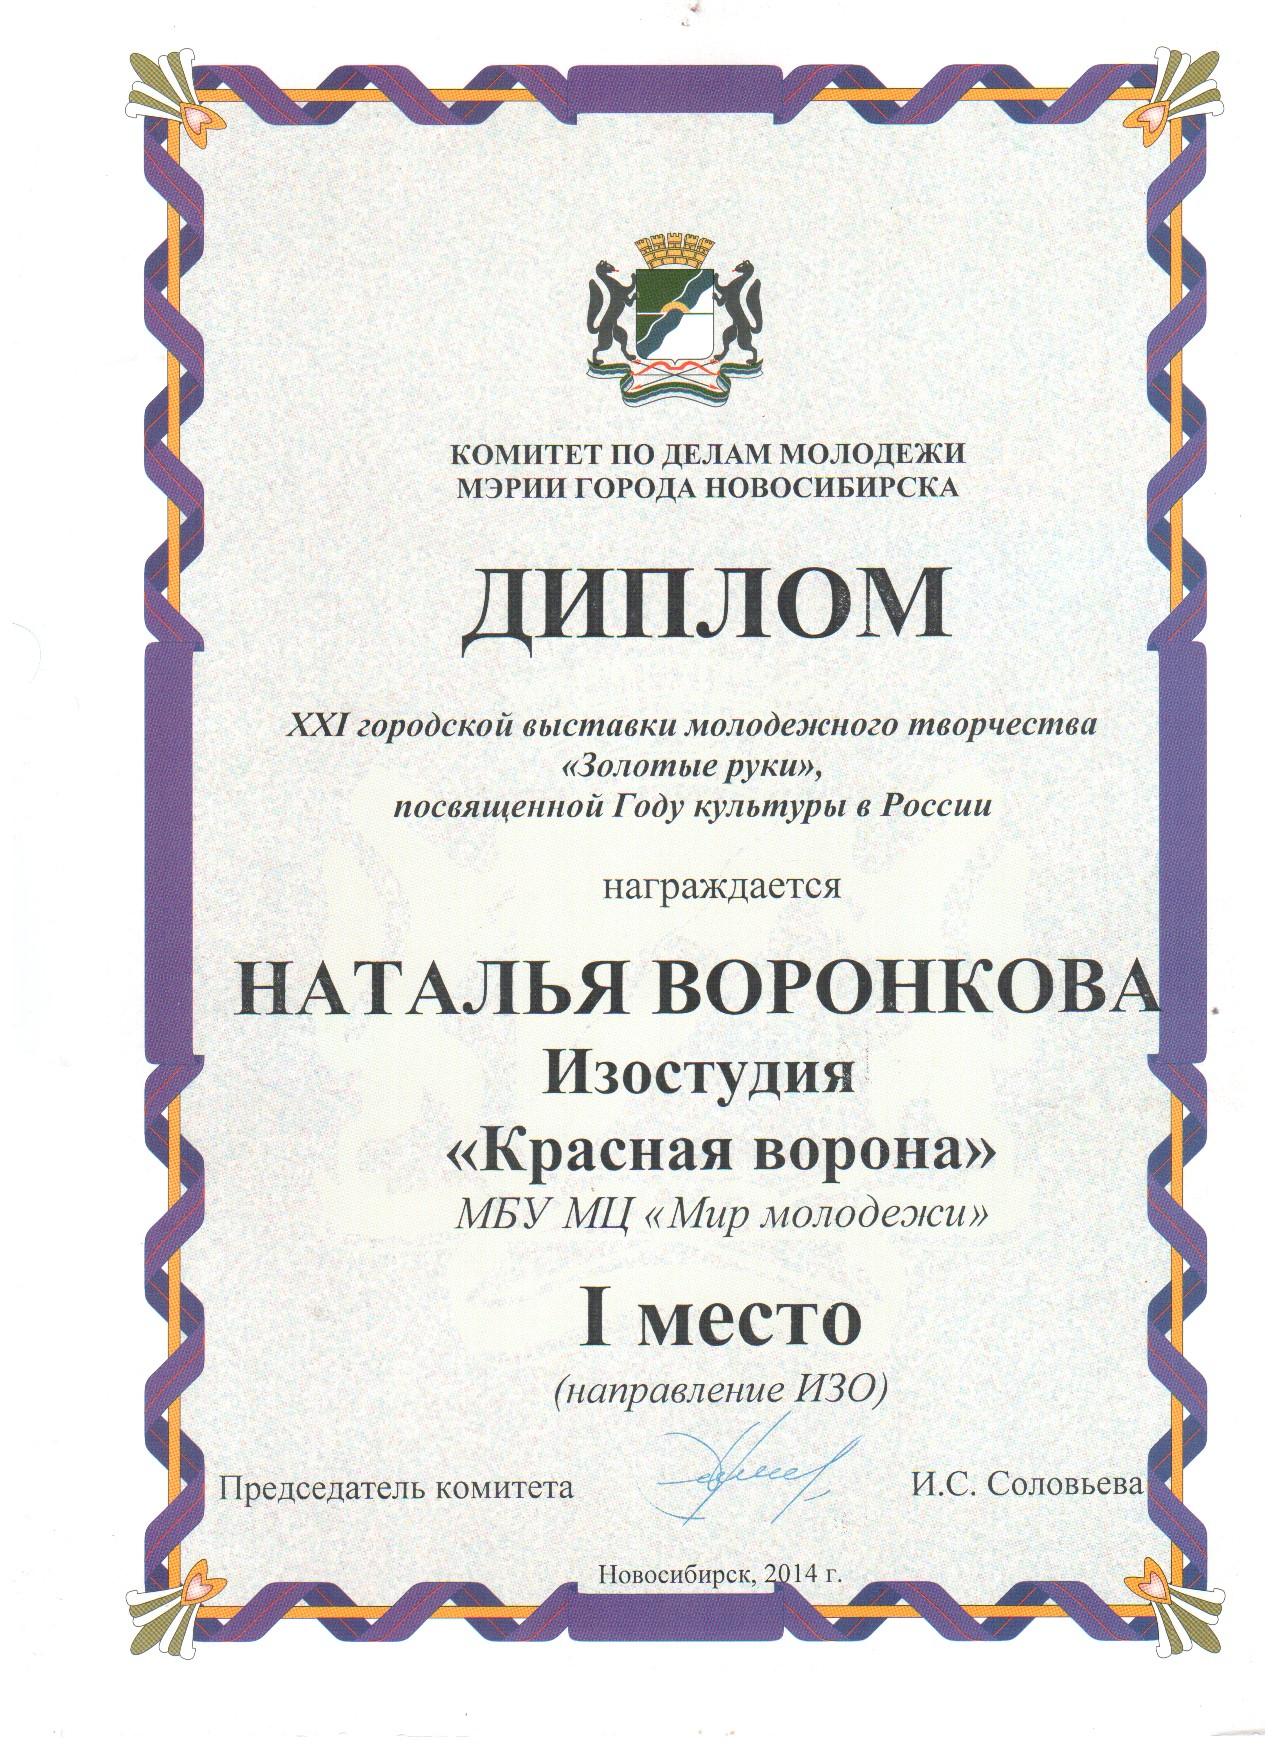 Новосибирск-2014